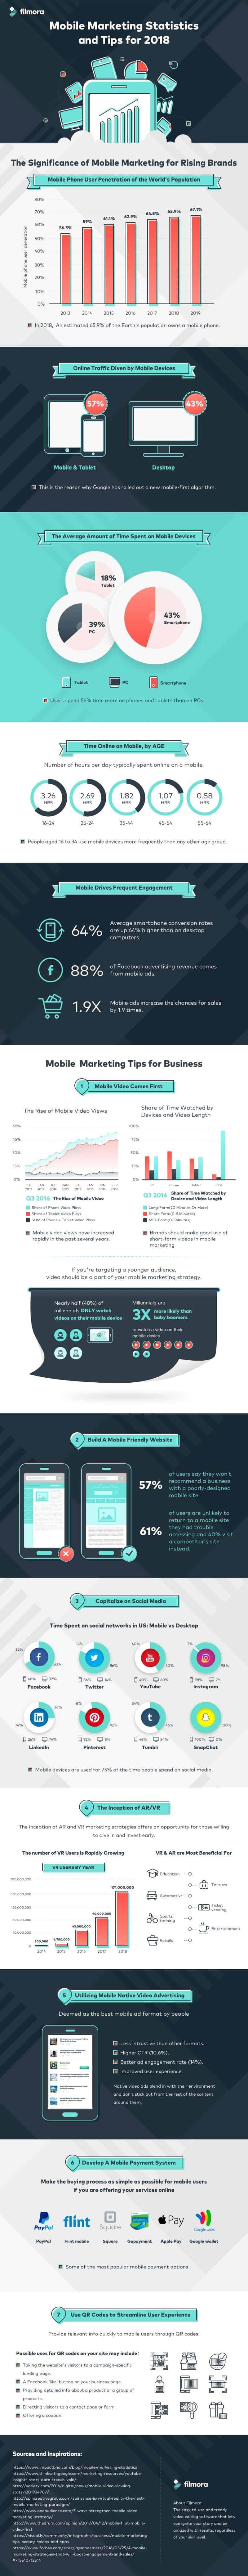 Infographie: astuces et statistiques en matière de marketing mobile